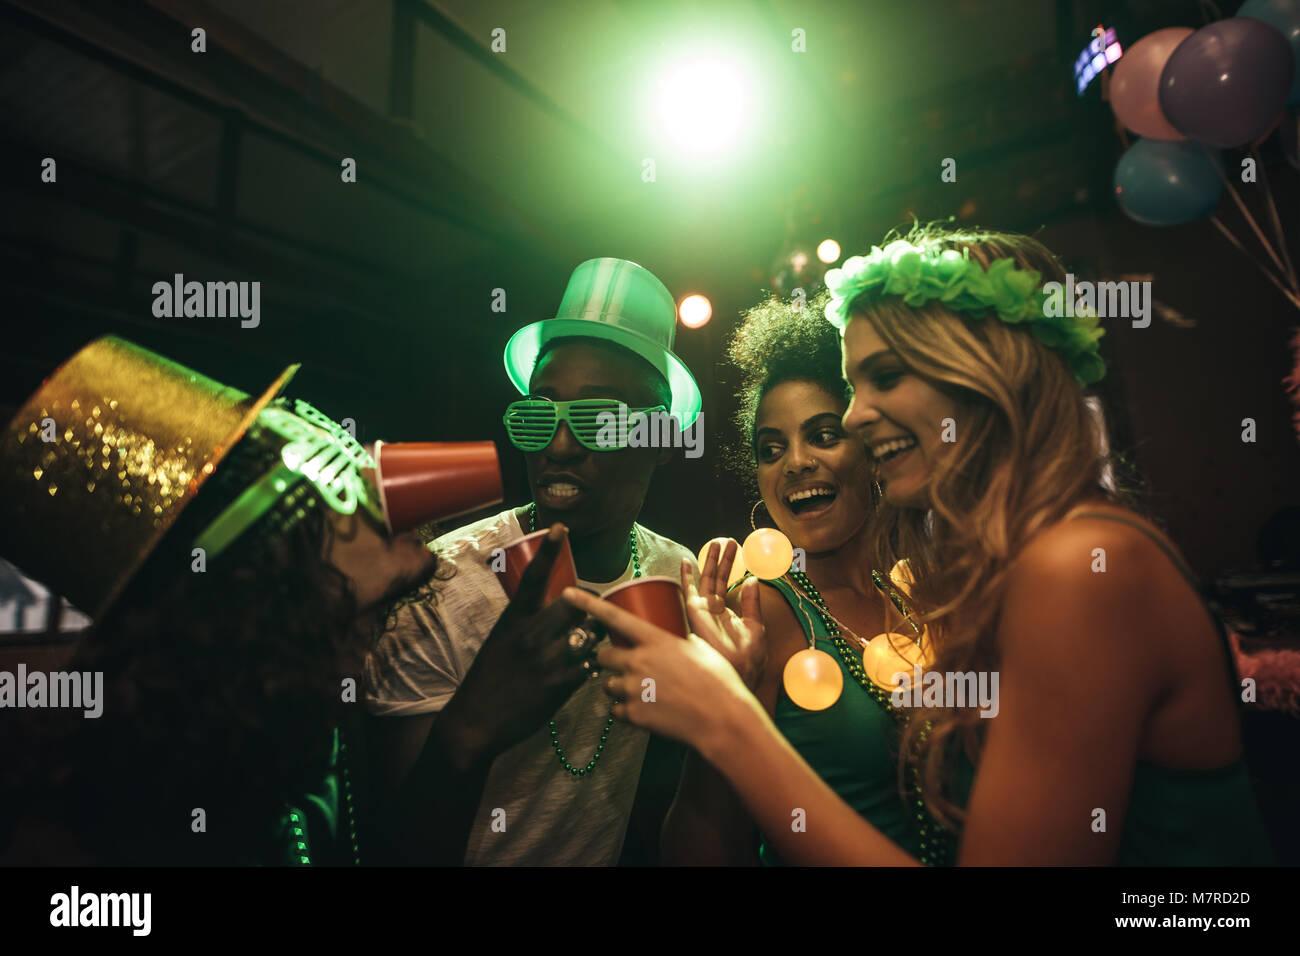 Groupe de multi-ethnic friends having fun at bar. Sourire les hommes et les femmes à faire la fête et célébrer le Jour de la Saint Patrick en discothèque. Banque D'Images